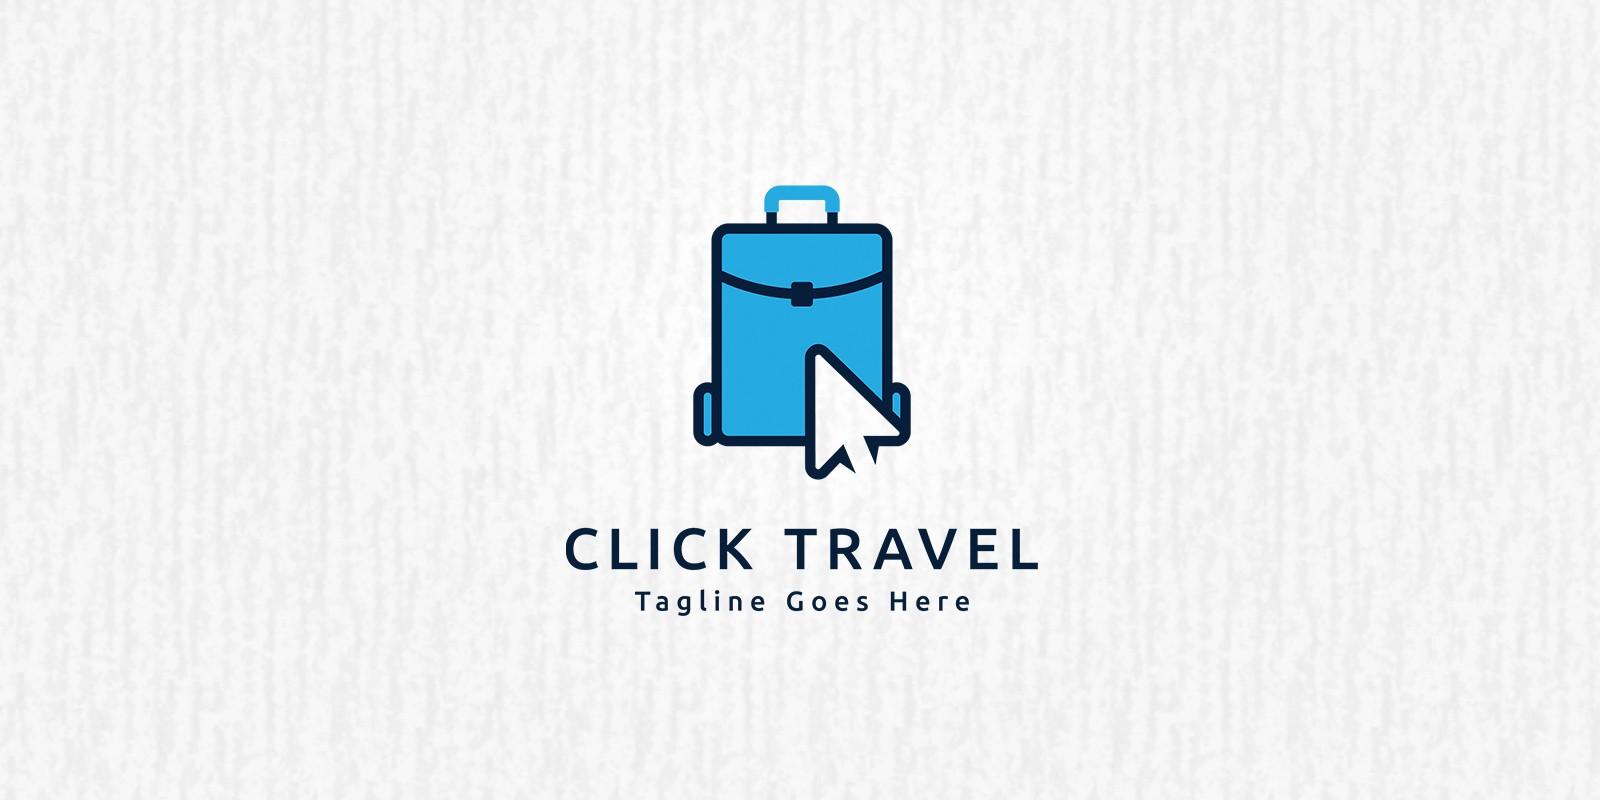 Click Travel